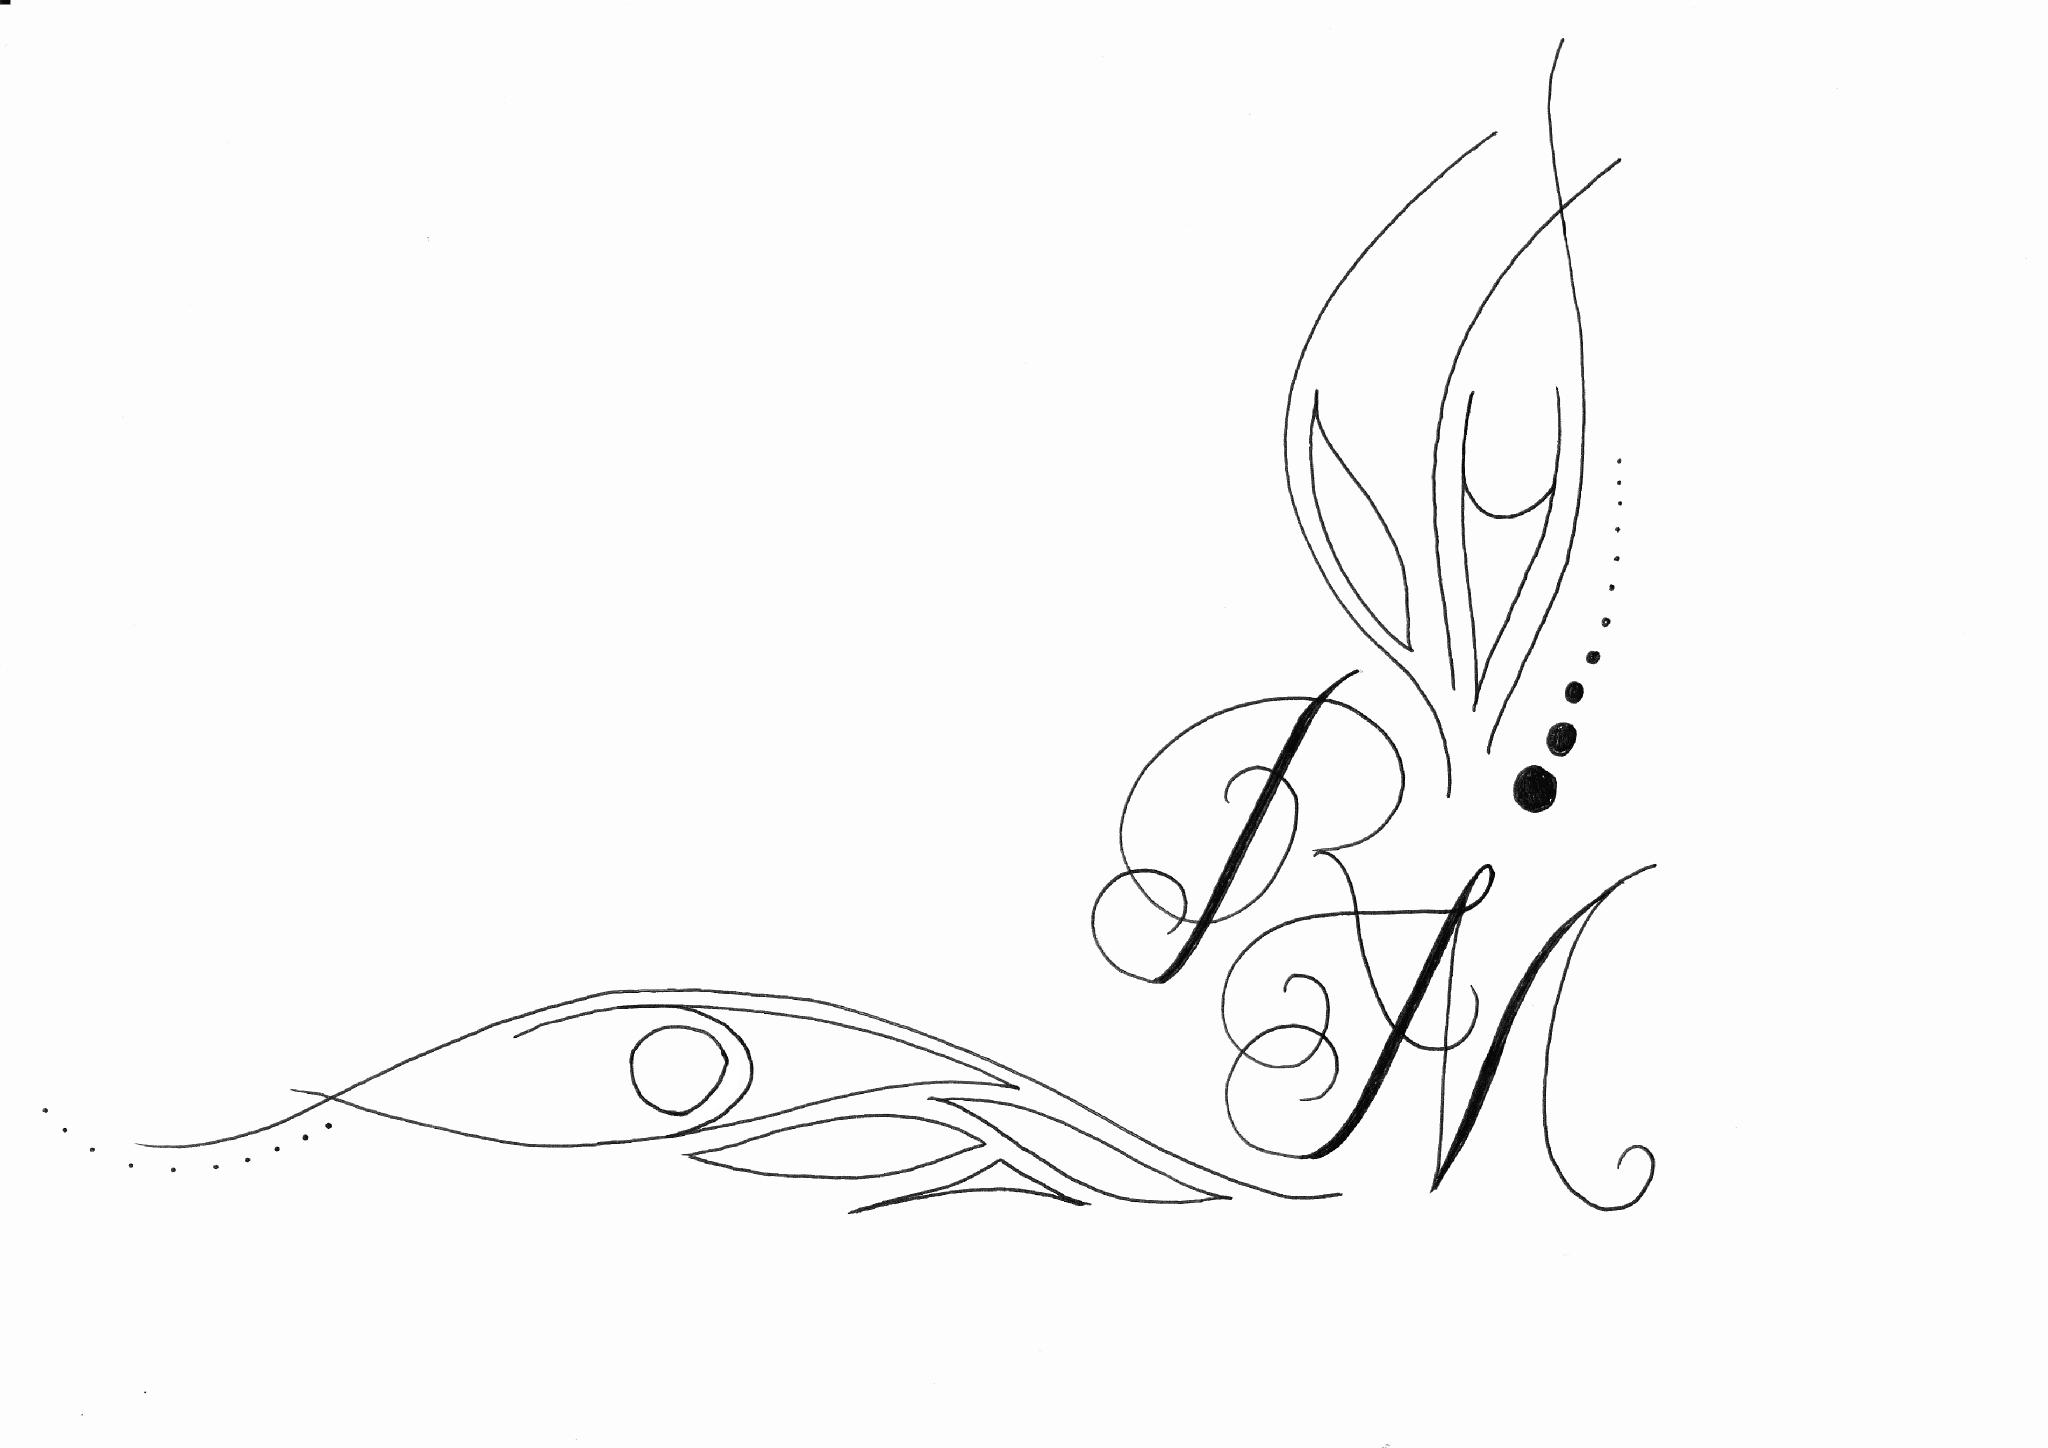 Tatouage initiale rm mod les et exemples - Modele d oiseaux a dessiner ...